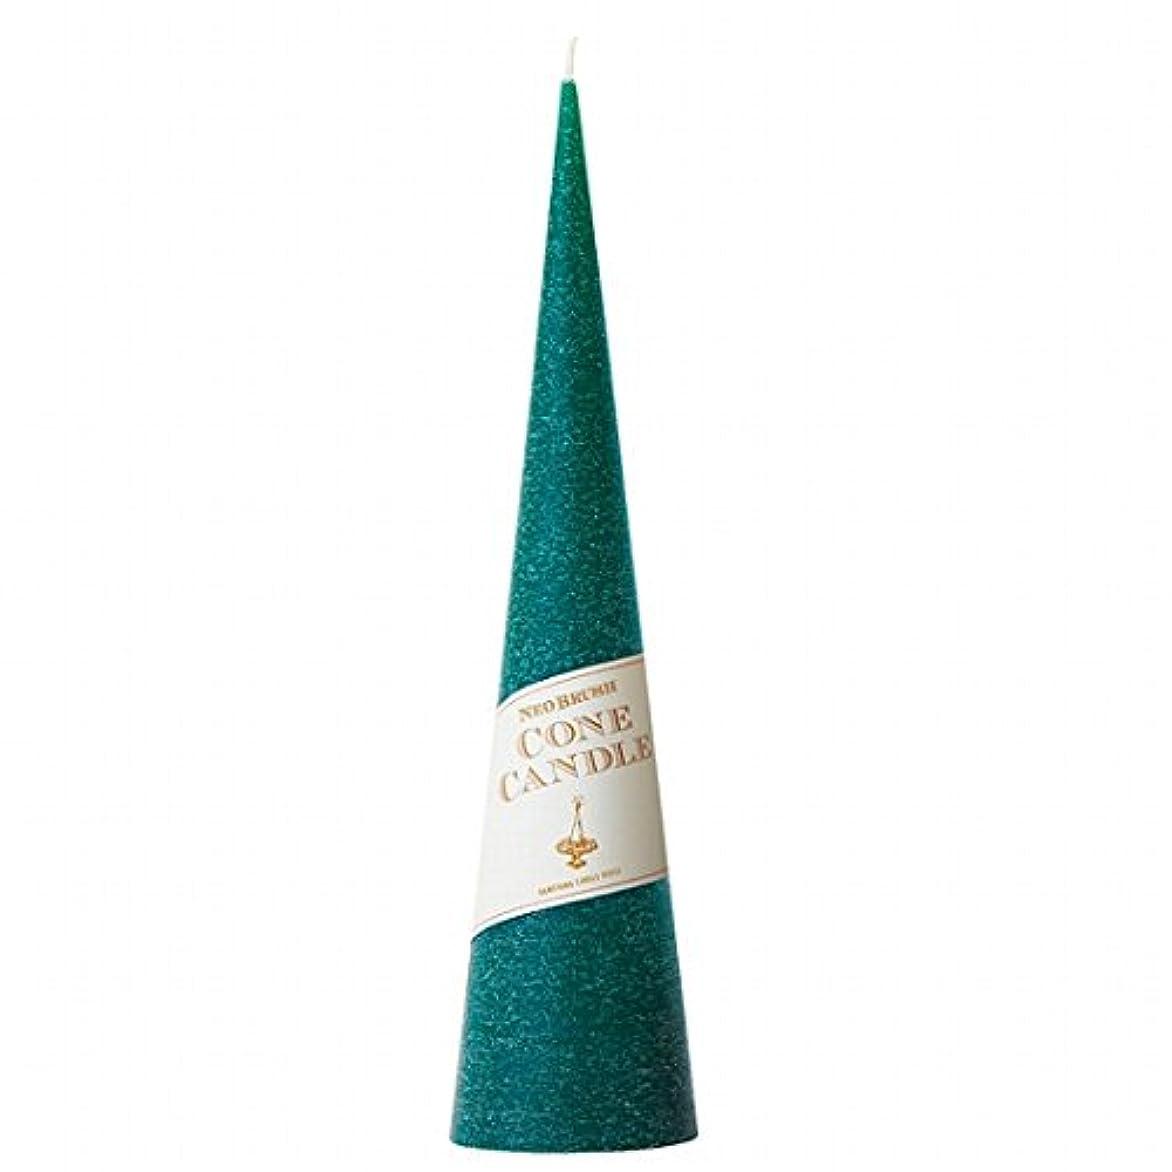 評価する従来のキャッシュカメヤマキャンドル(kameyama candle) ネオブラッシュコーン 295 キャンドル 「 グリーン 」